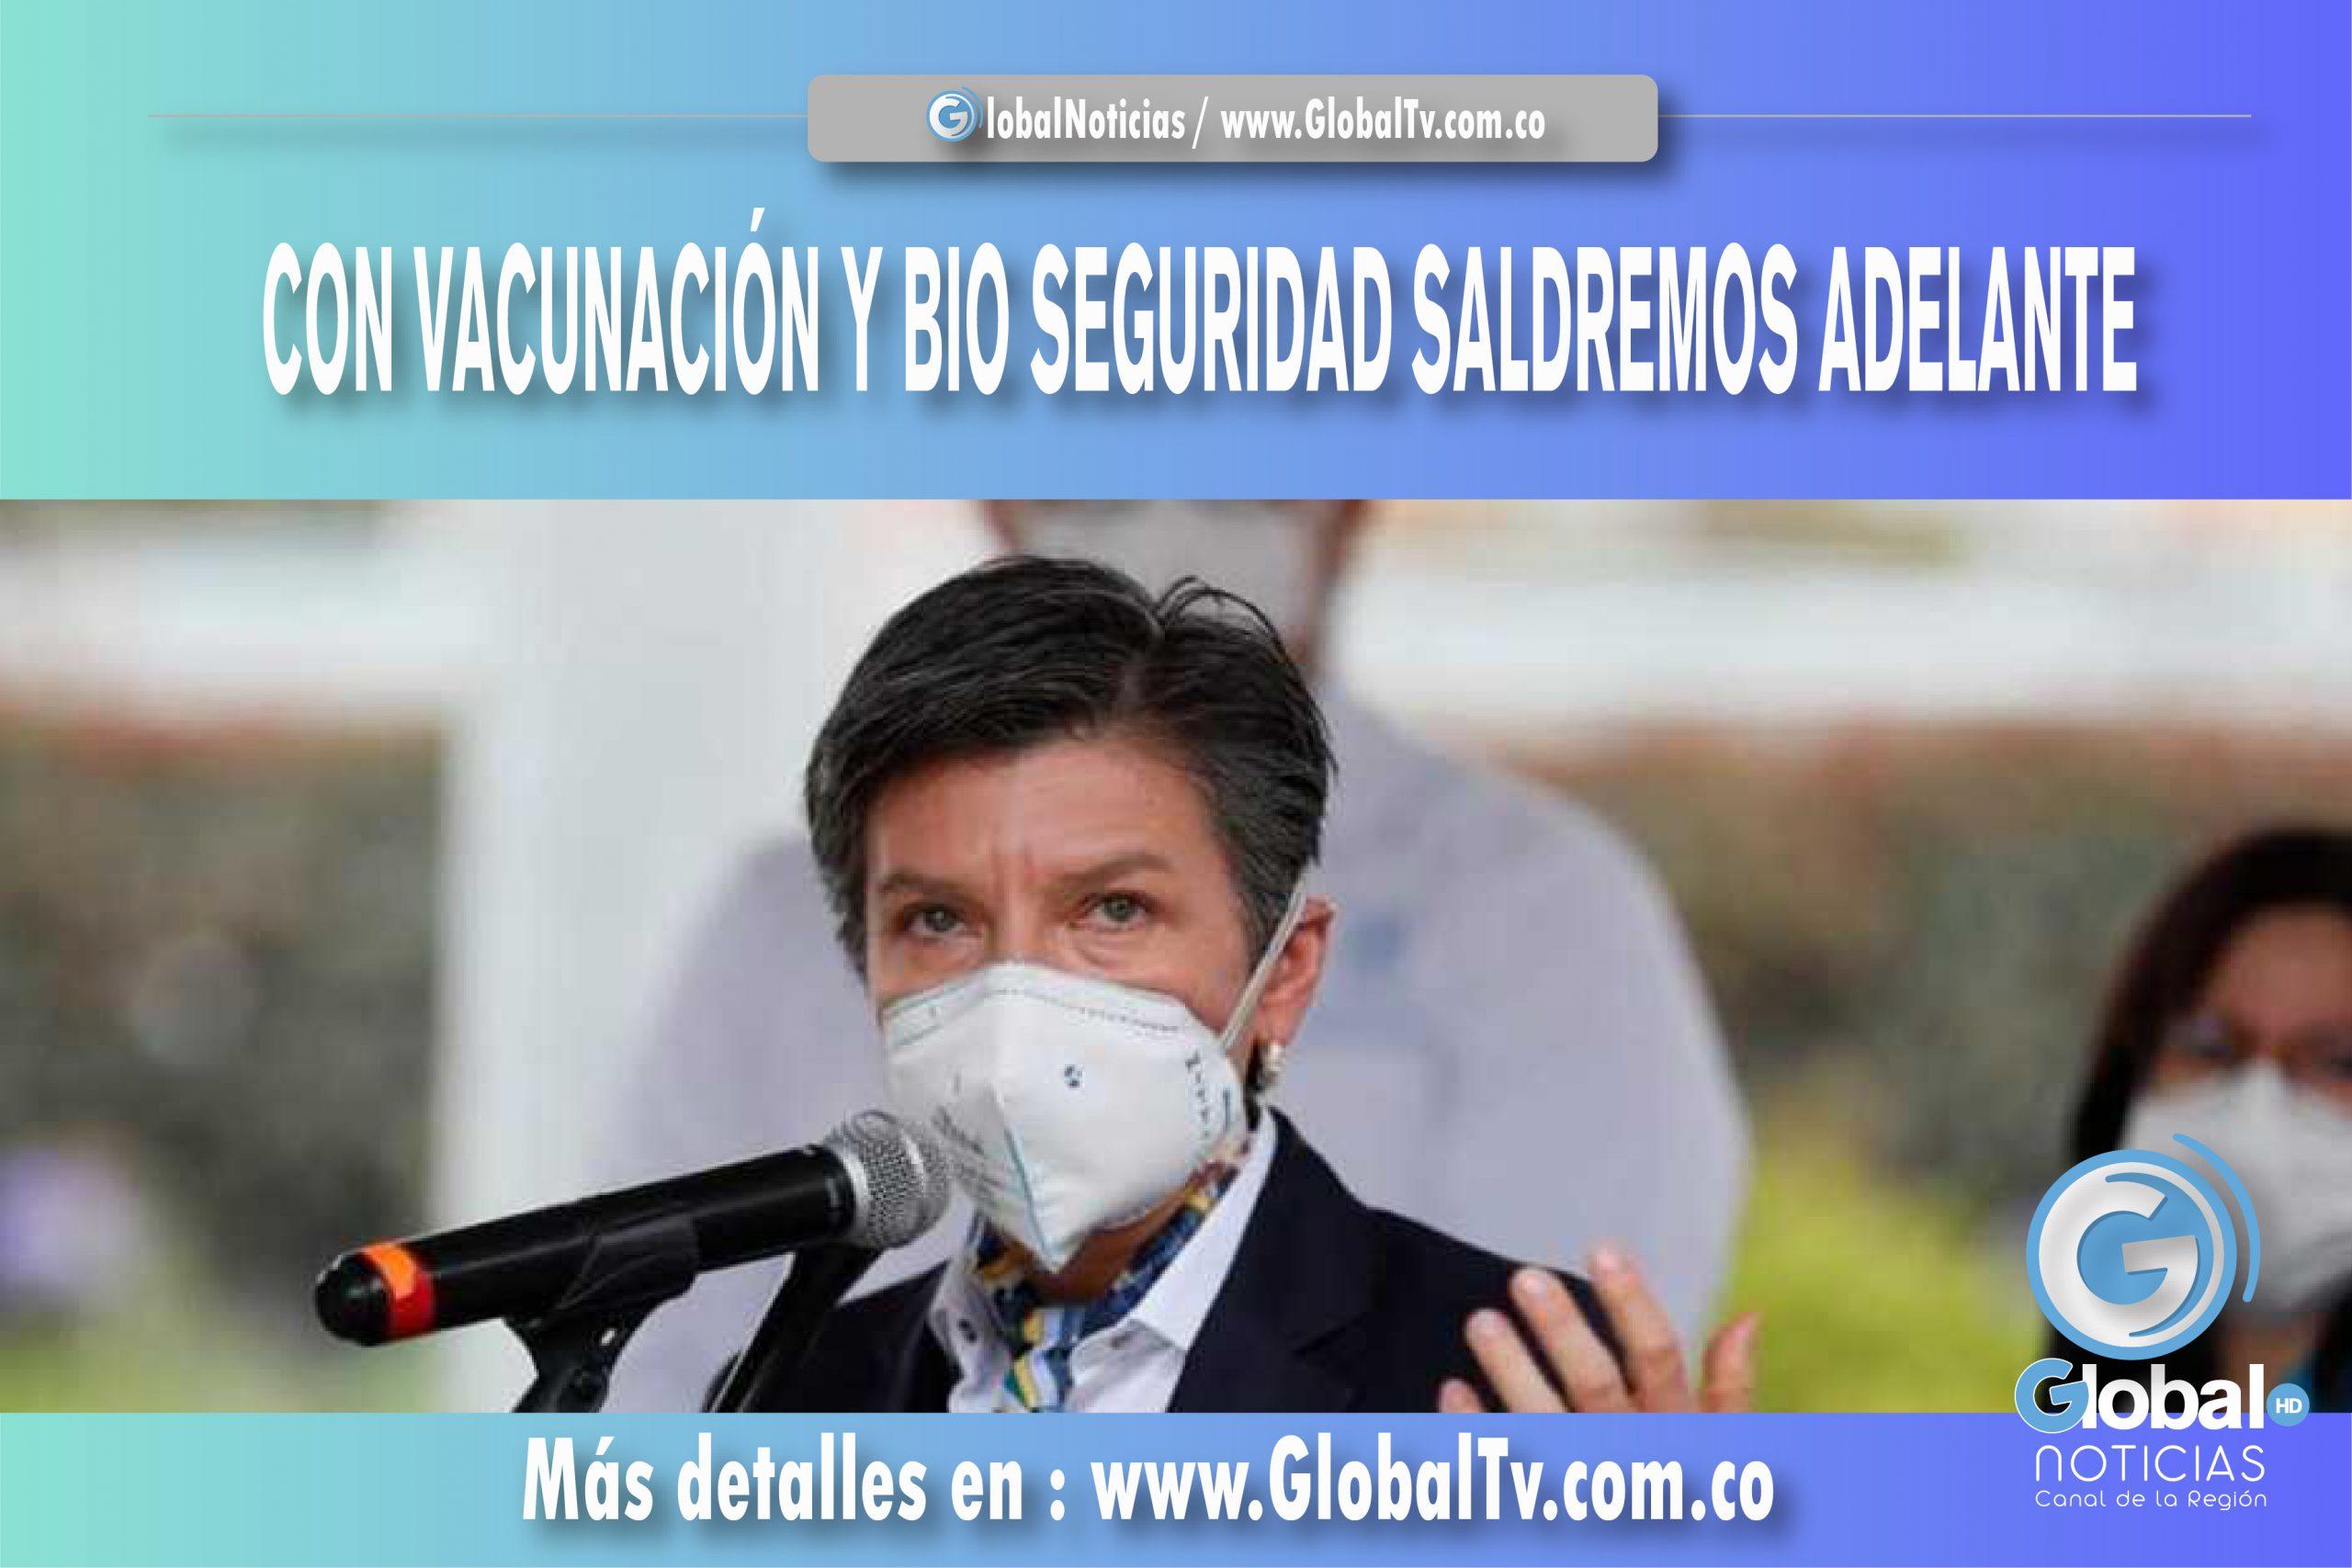 Con vacunación y Bio seguridad saldremos adelante